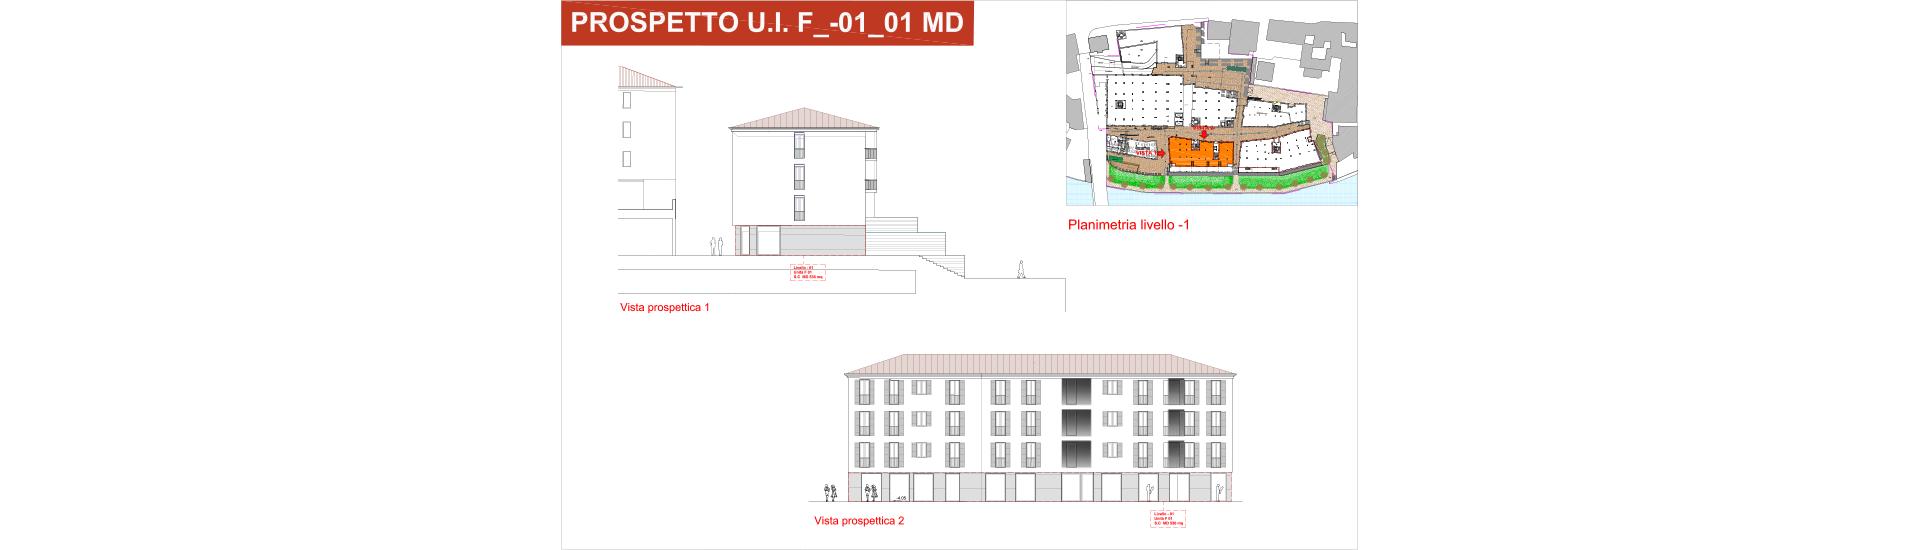 Edificio F, F_-01_01, immagine completa